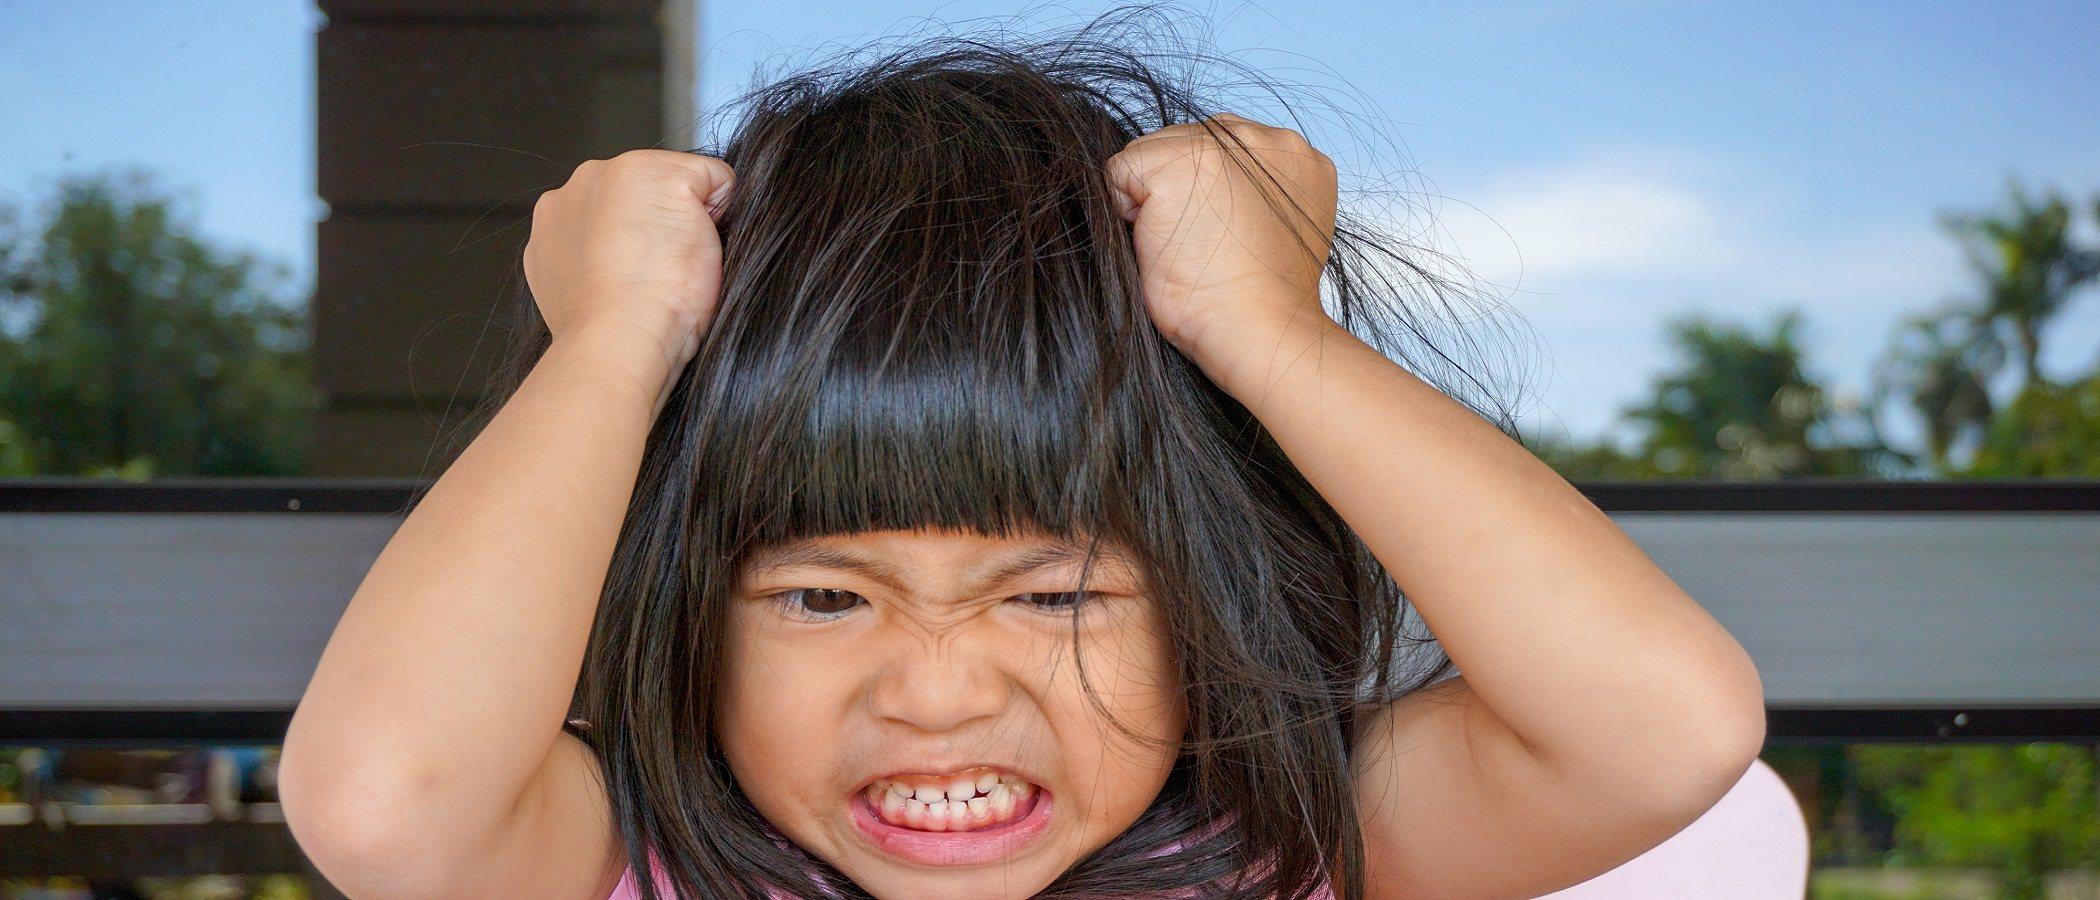 Técnicas de control de la ira para niños de 5 a 8 años